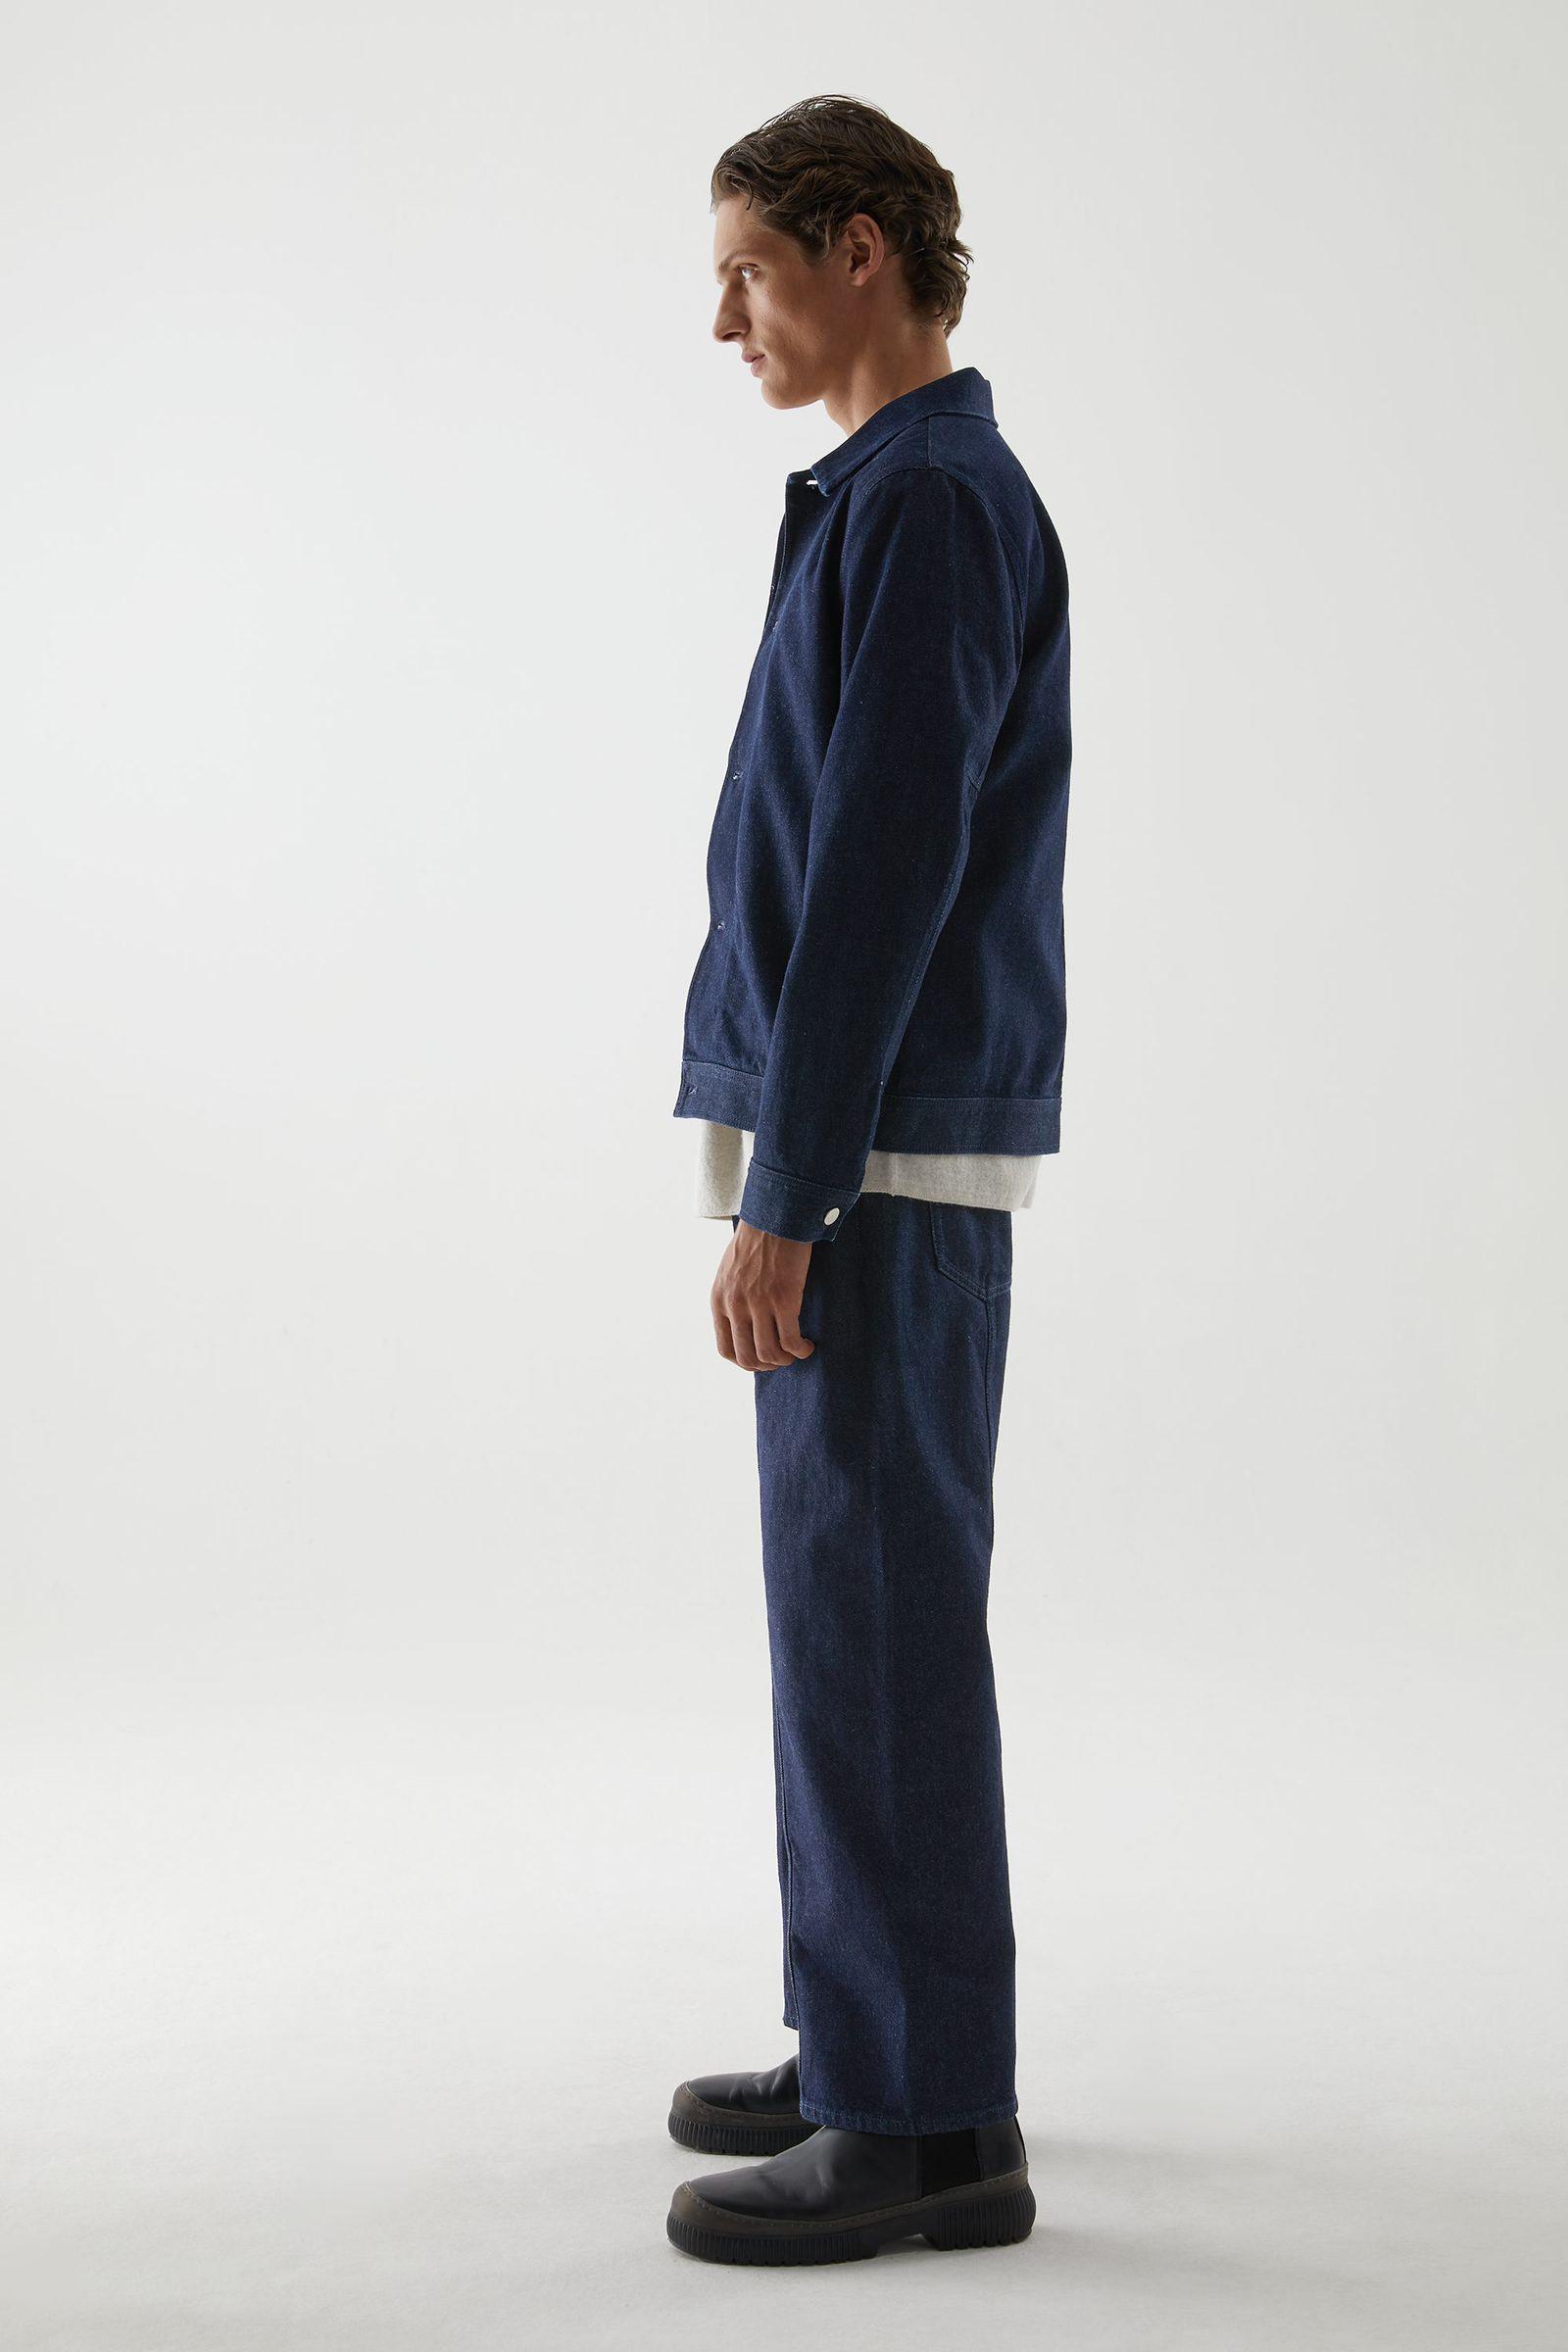 COS 리사이클 코튼 믹스 미니멀 데님 재킷의 다크 블루컬러 ECOMLook입니다.